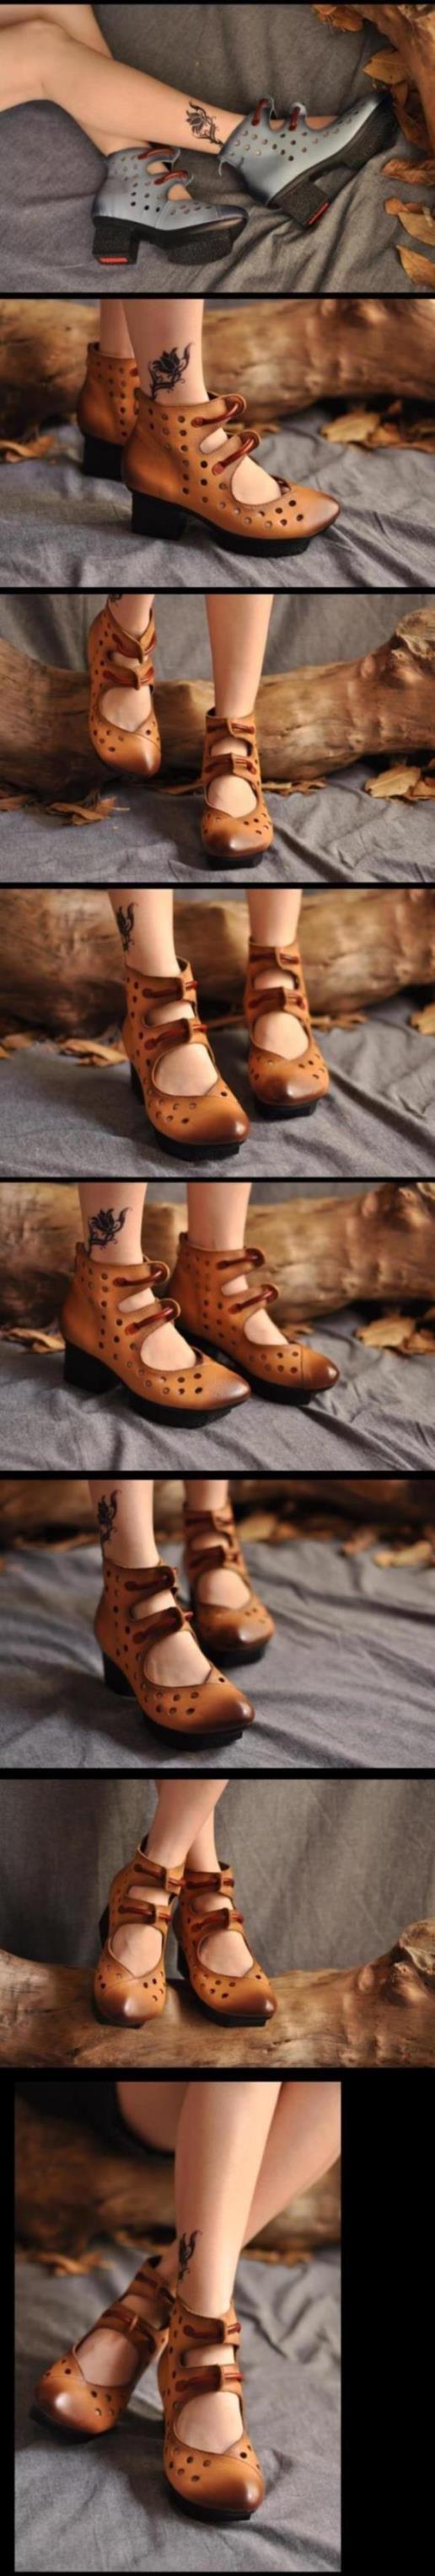 Aliexpress.com: Купить Pernycess Tucson на основе литературный выдолбите отверстие сандалии с удобной ретро повседневные изделия из кожи туфли из Надежный обуви стихи поставщиков на Yangzhou Pernycess Garment Industry Co., Ltd